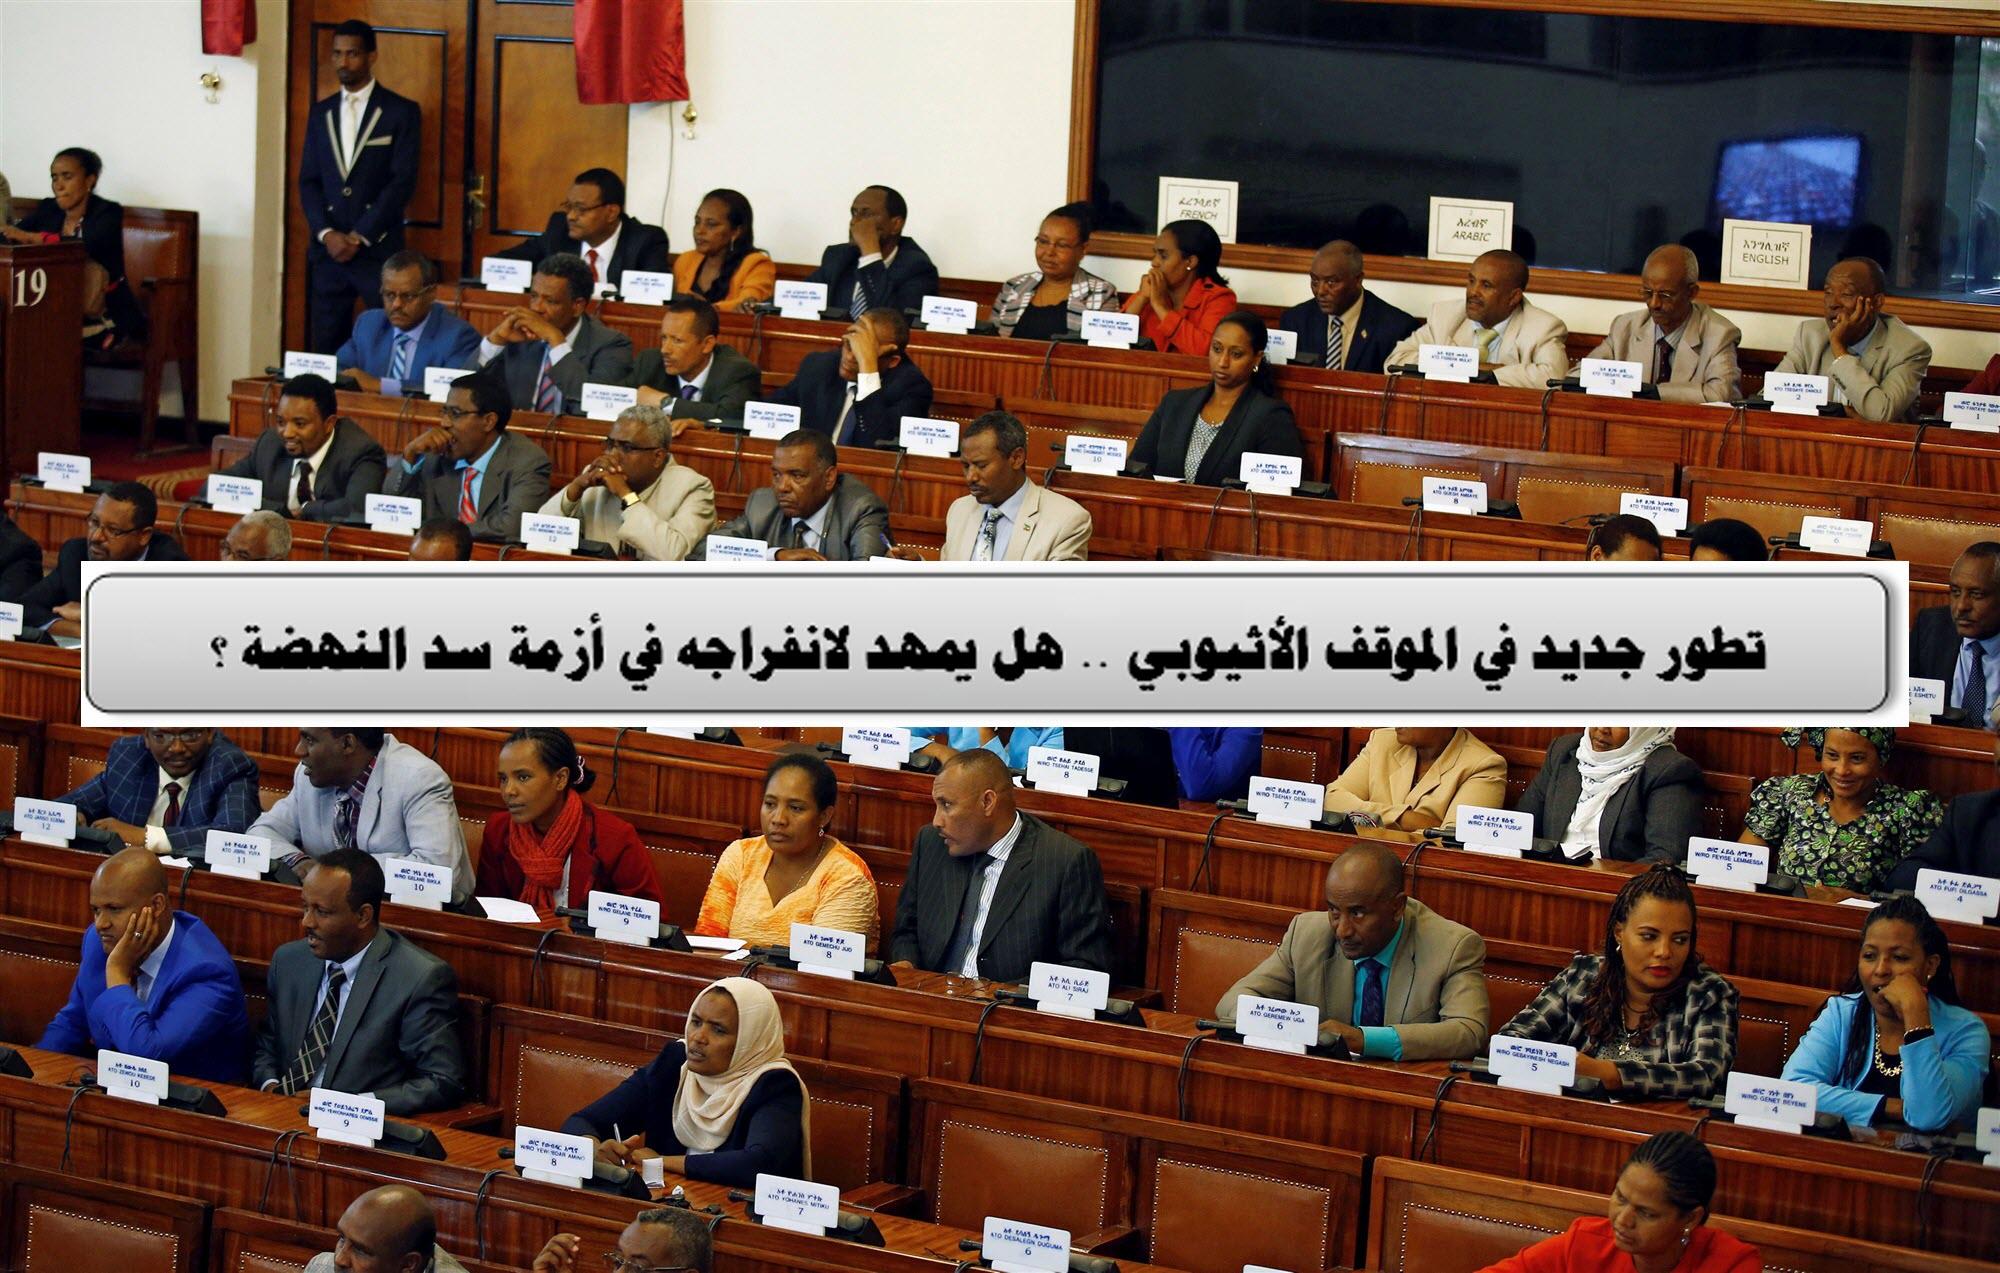 تطور جديد في الموقف الأثيوبي .. هل يمهد لانفراجه في أزمة سد النهضة ؟